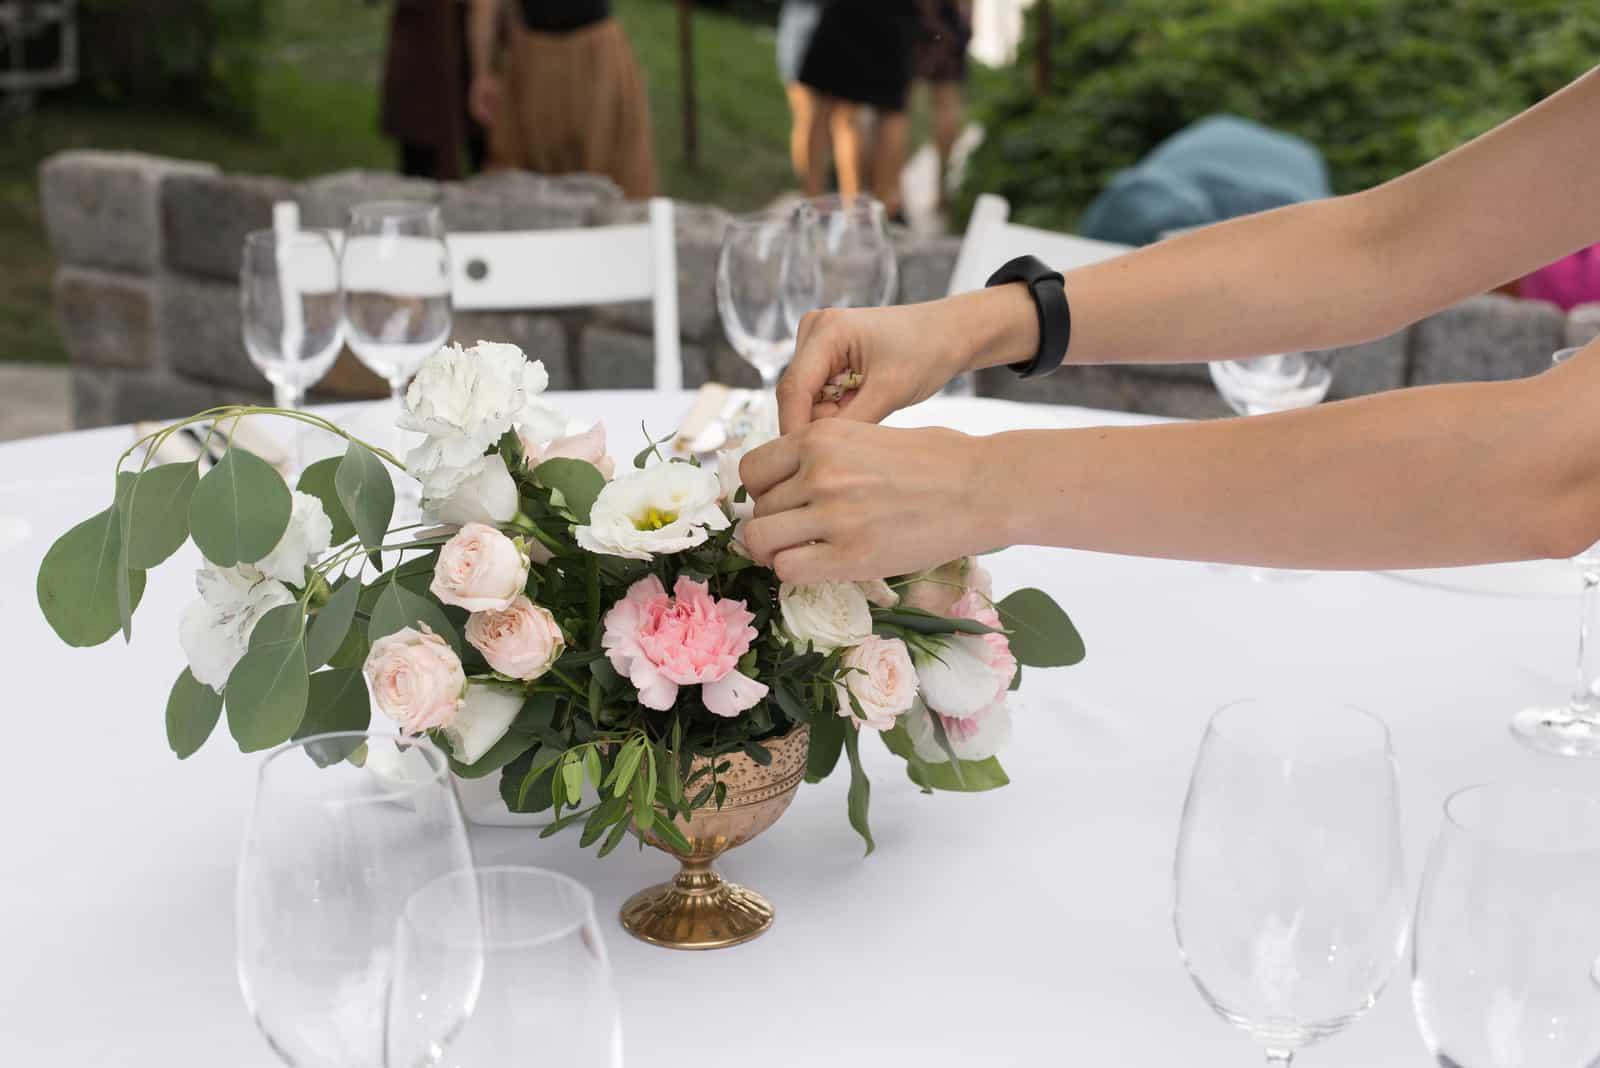 Der Kellner schmückt den Hochzeitstisch